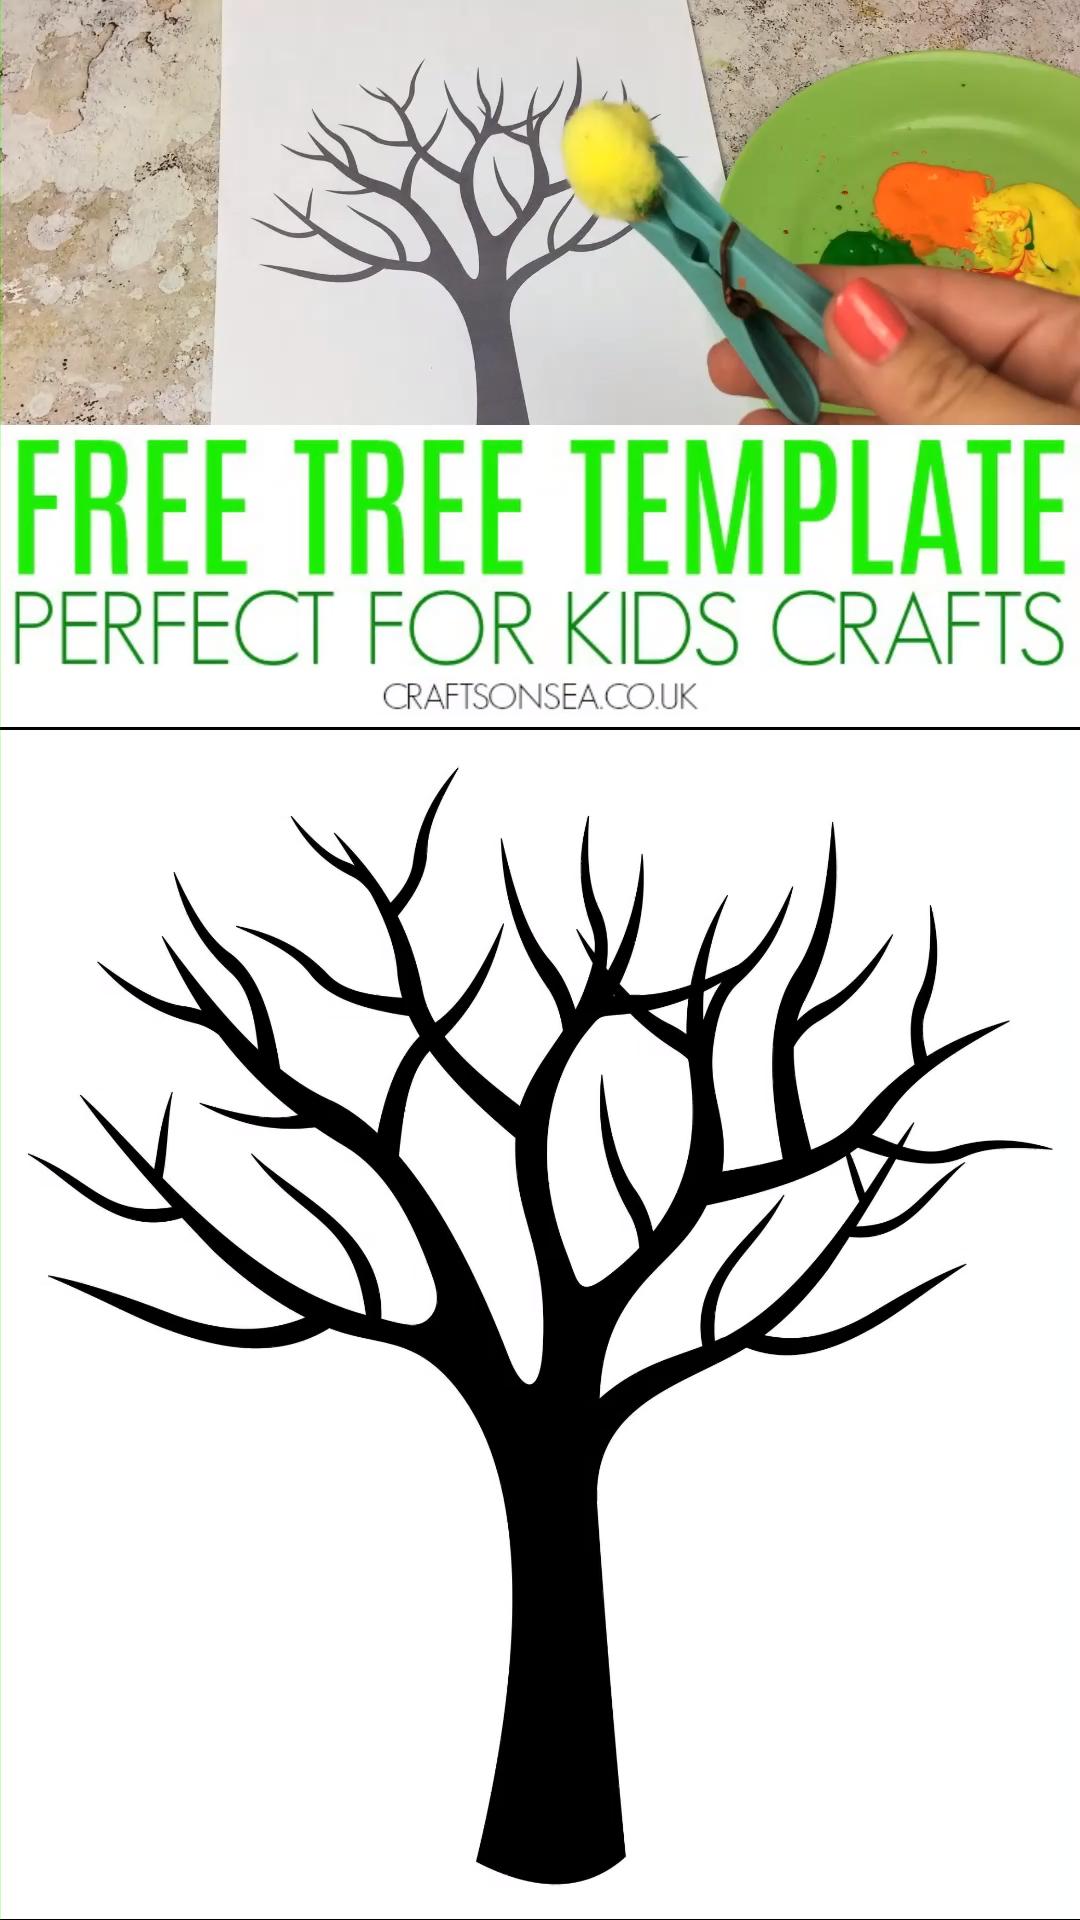 Kostenlose Baumvorlage für Kinder basteln #fallmemes